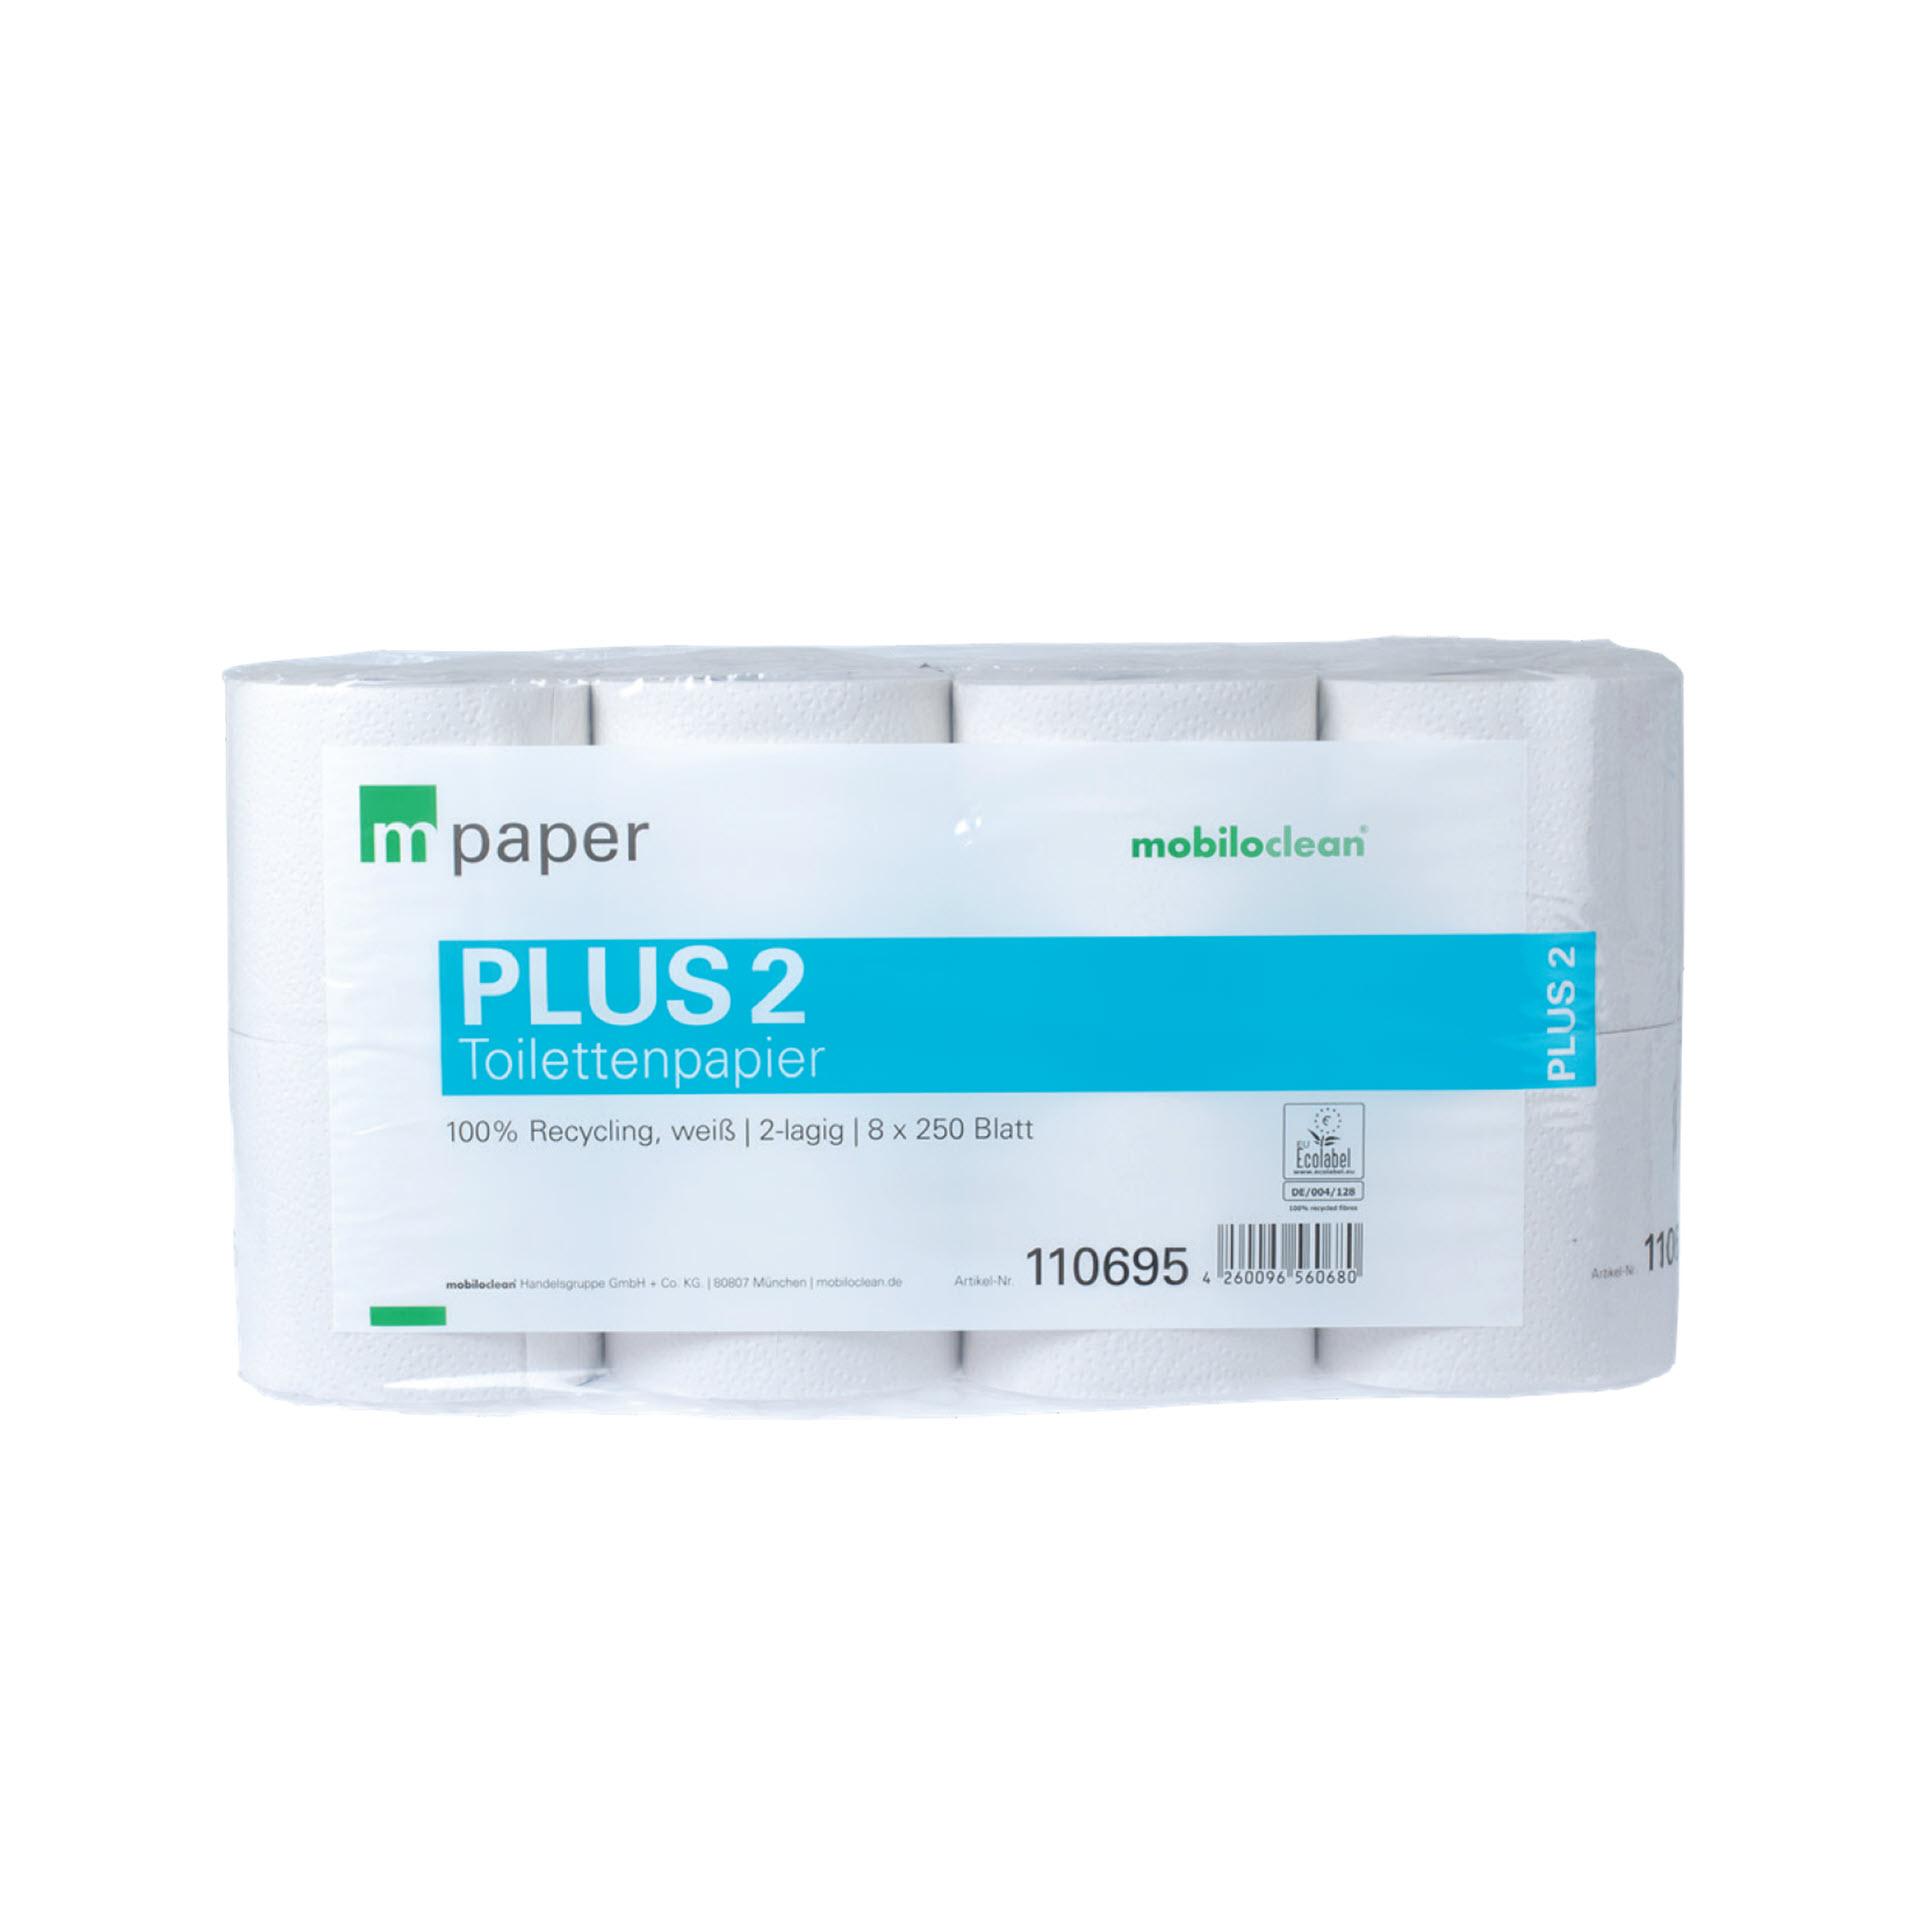 mpaper PLUS2 WC-Papier / Toilettenpapier 2-lagig Tissue Recycling - Pack mit 64 Rollen